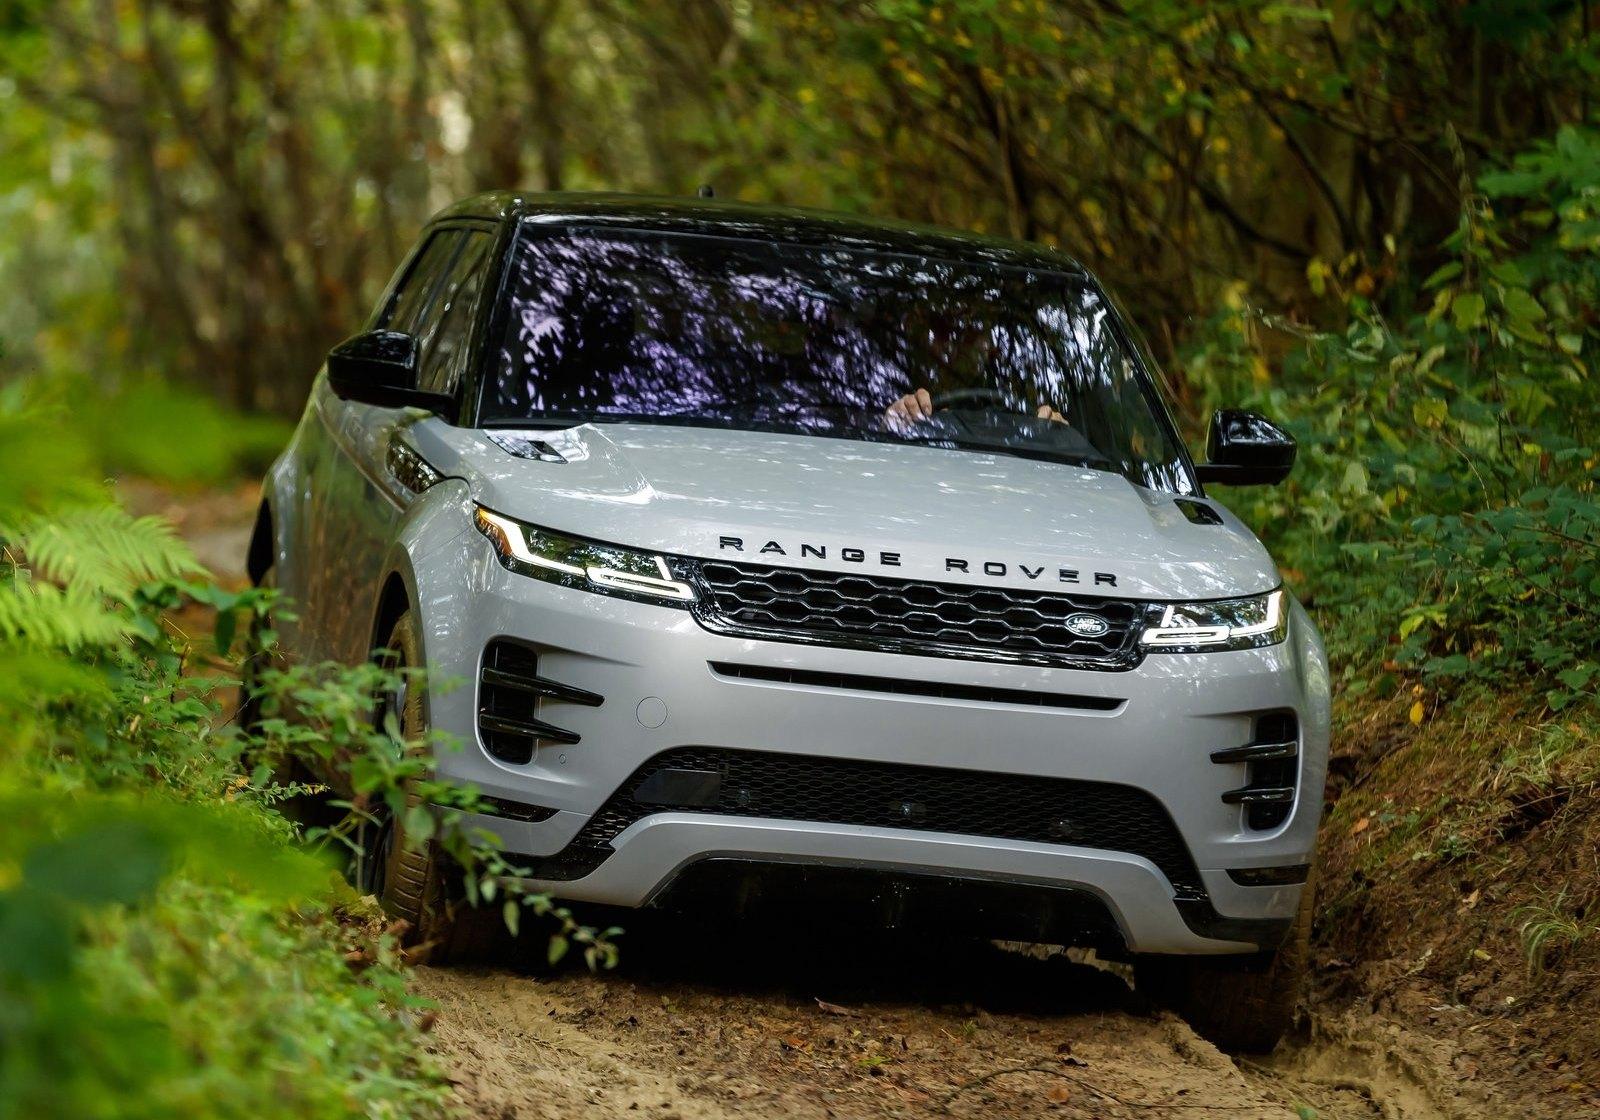 Land Rover Range Rover Evoque 2020 1600 19